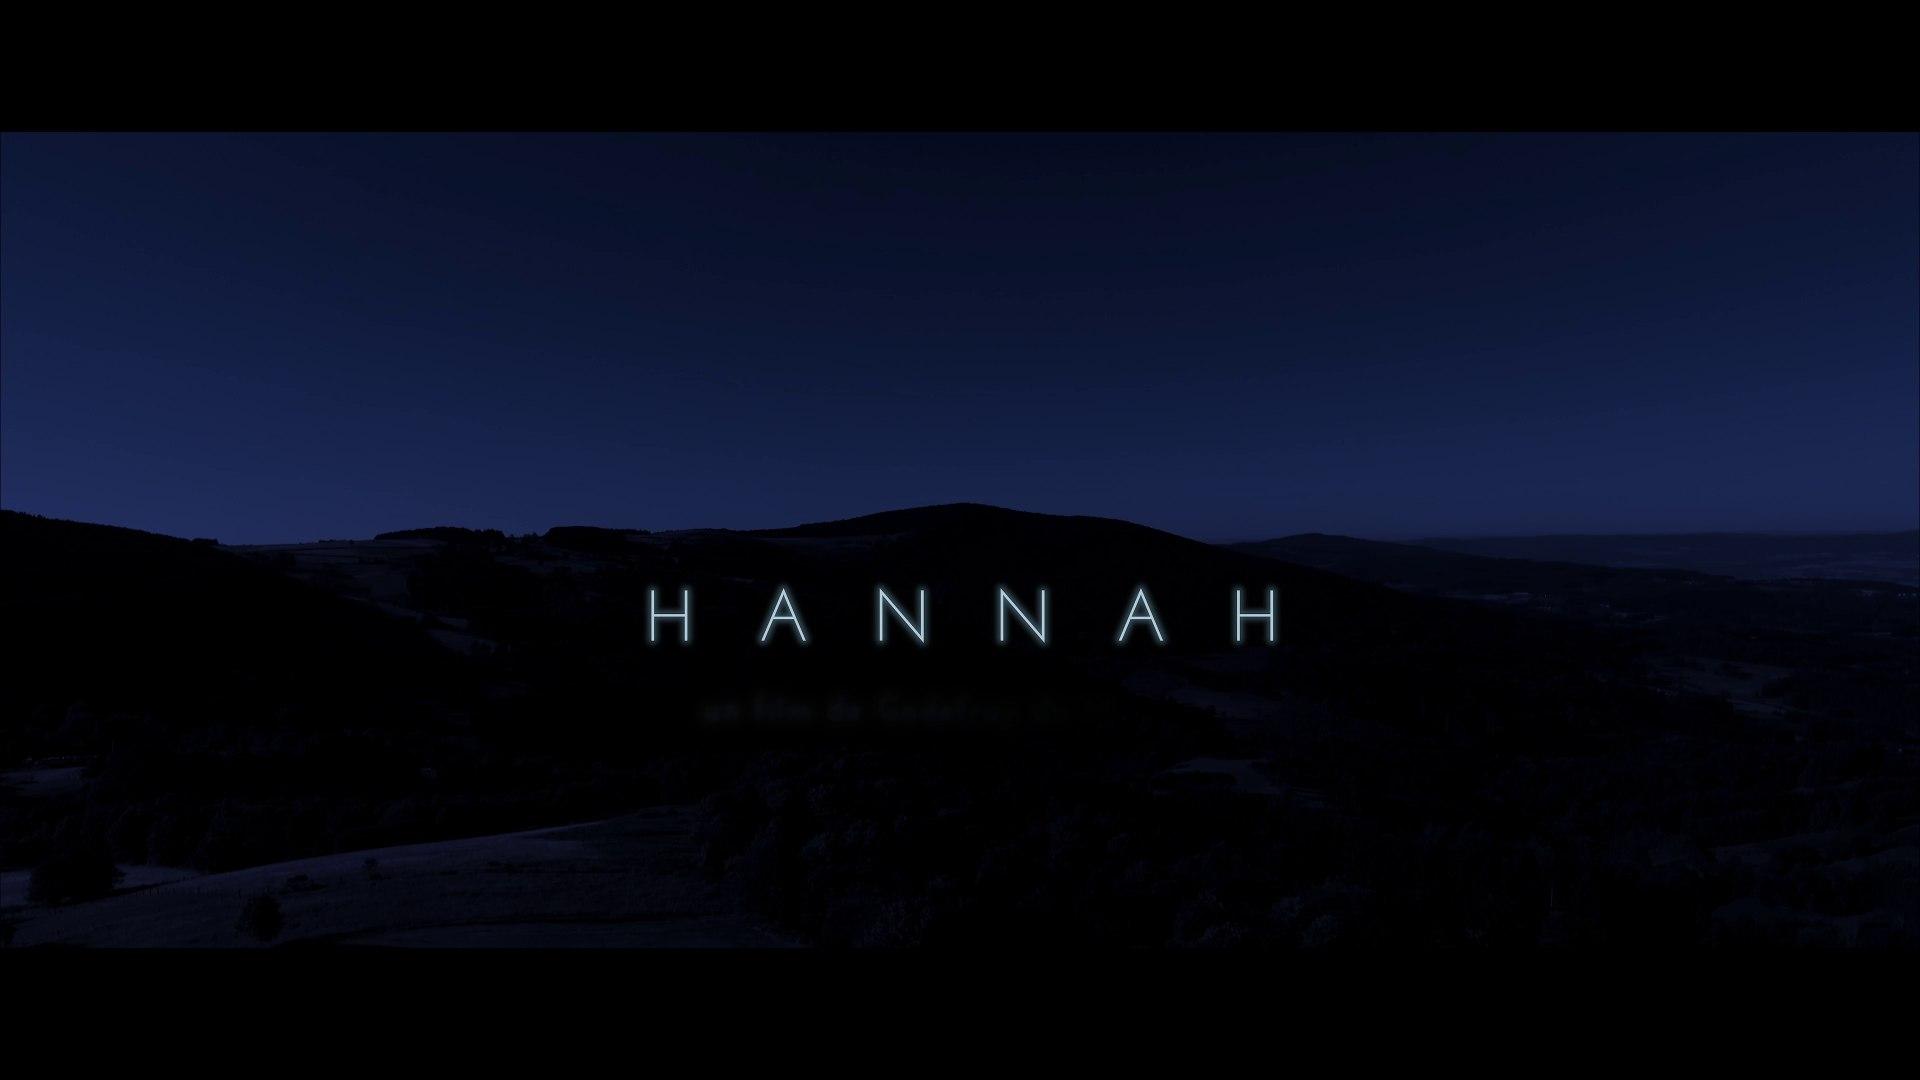 Hannah - 4K stéréo